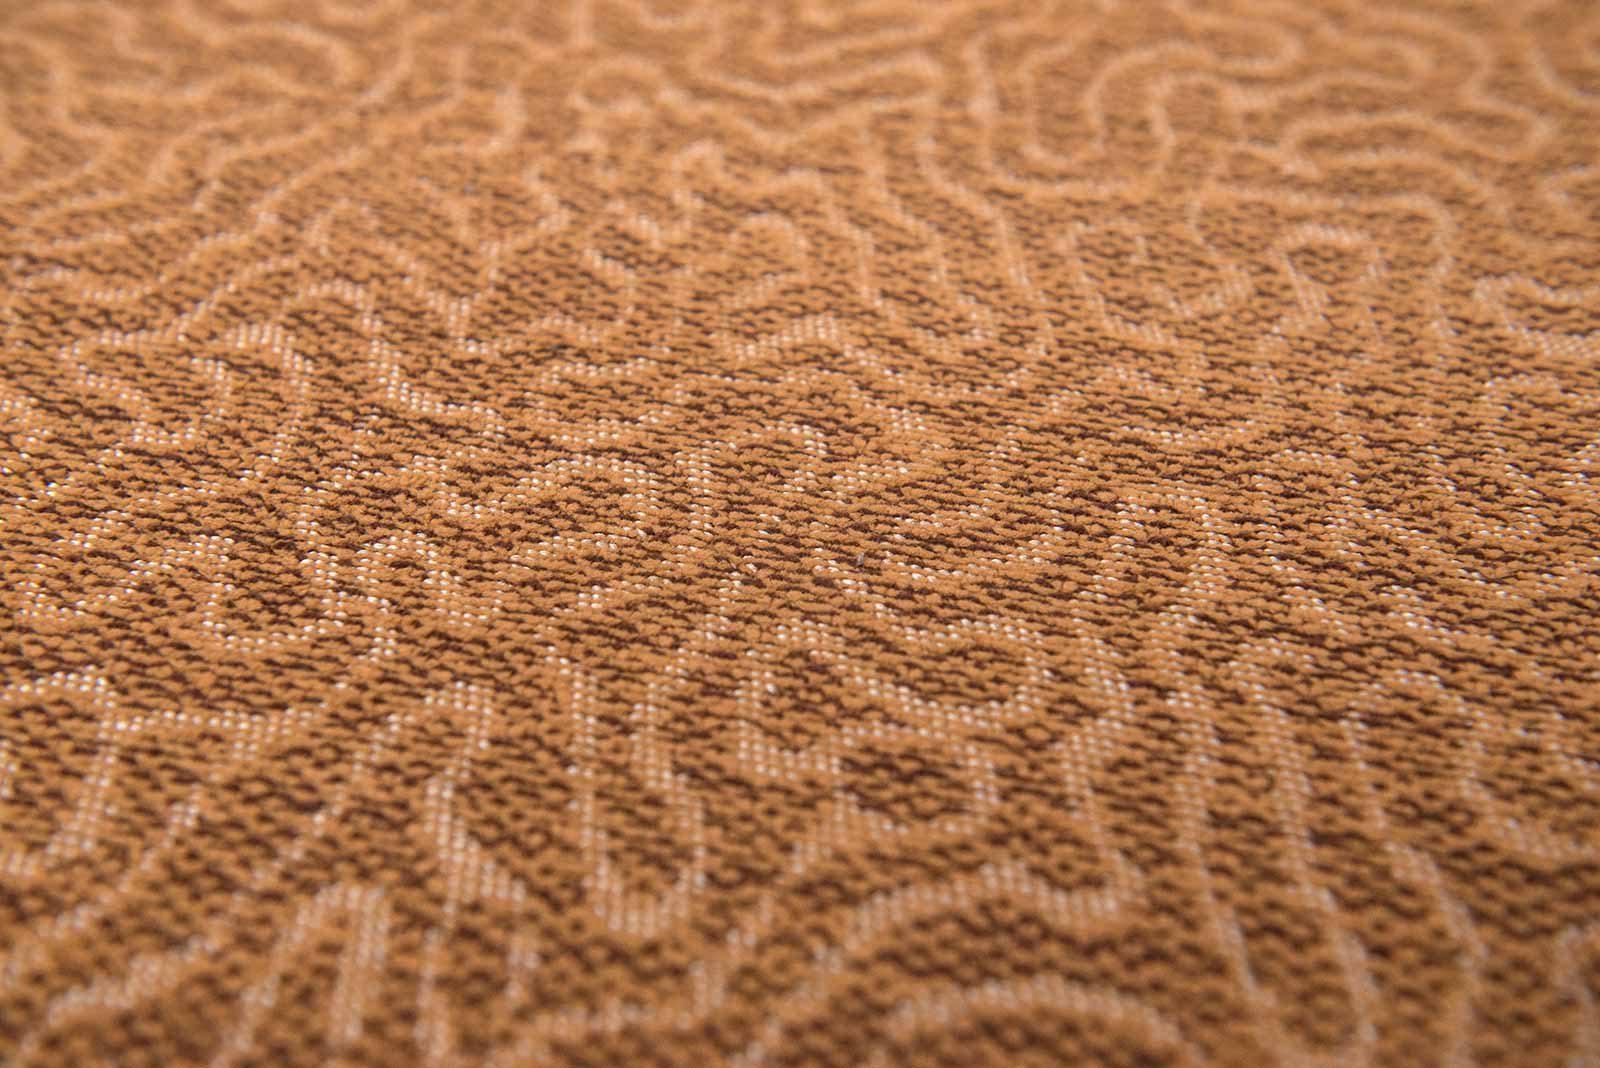 Louis De Poortere Jackies Wilton Rugs Coral 9006 detail 2